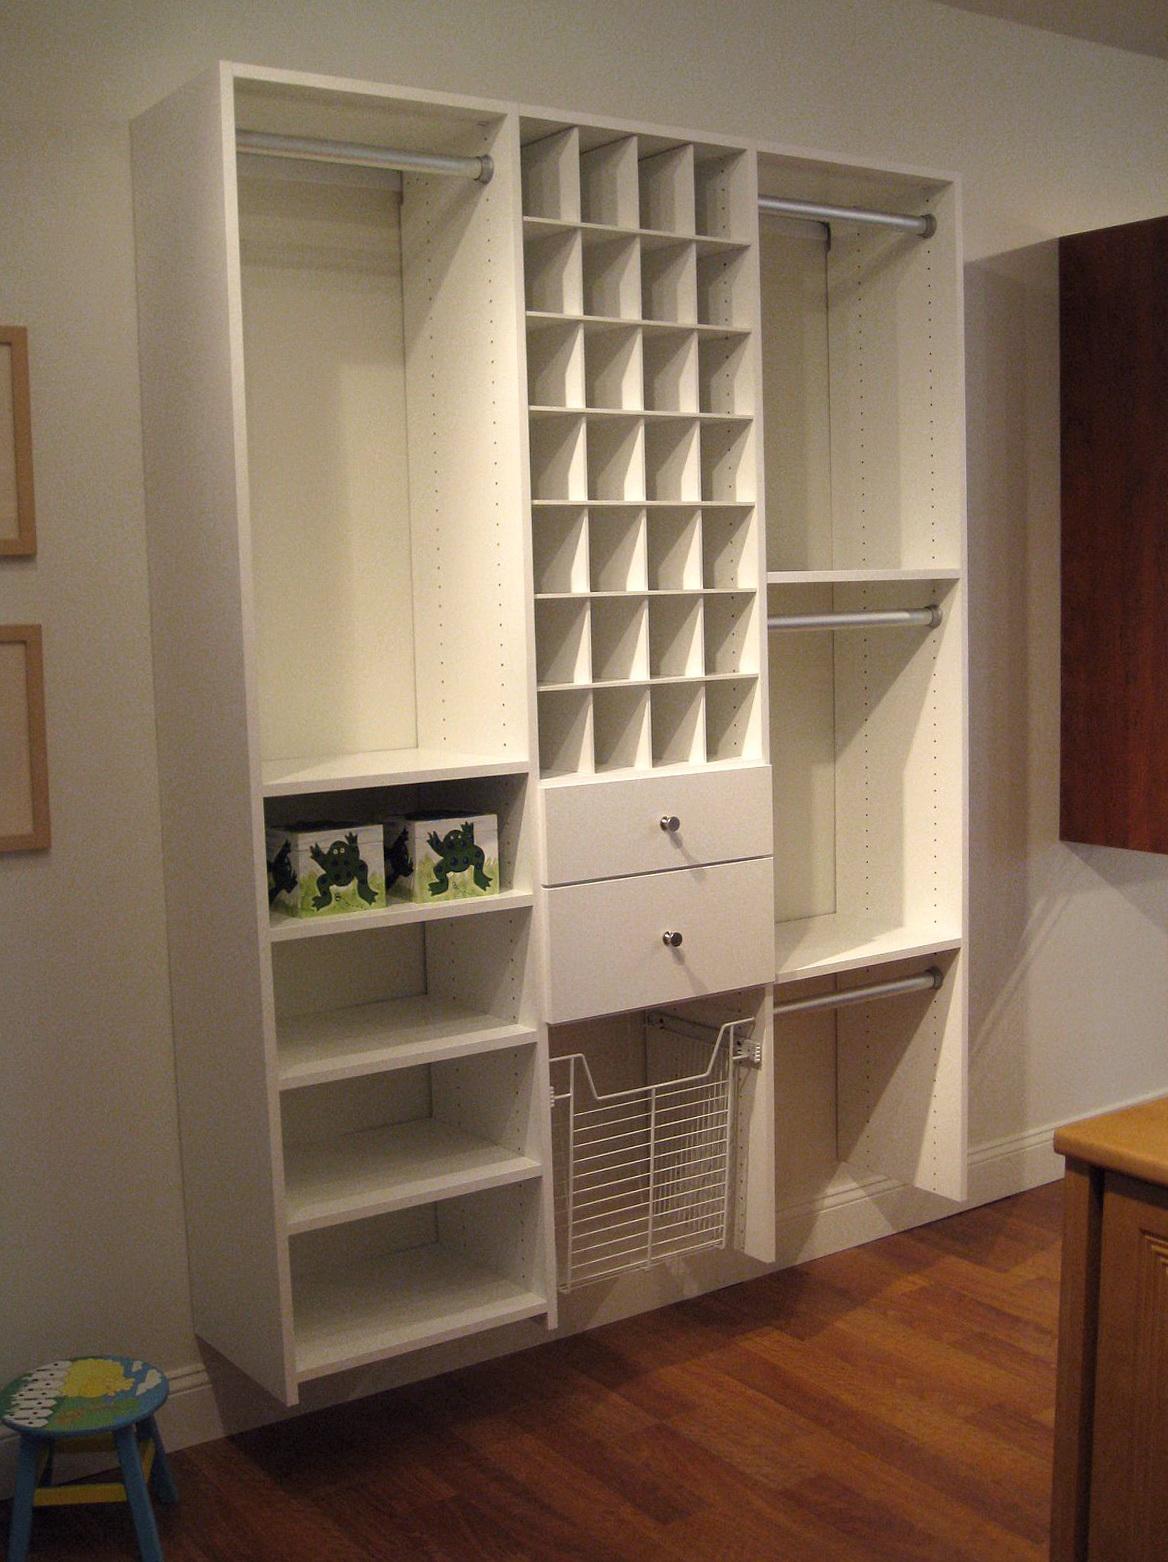 California Closets Company Home Design Ideas